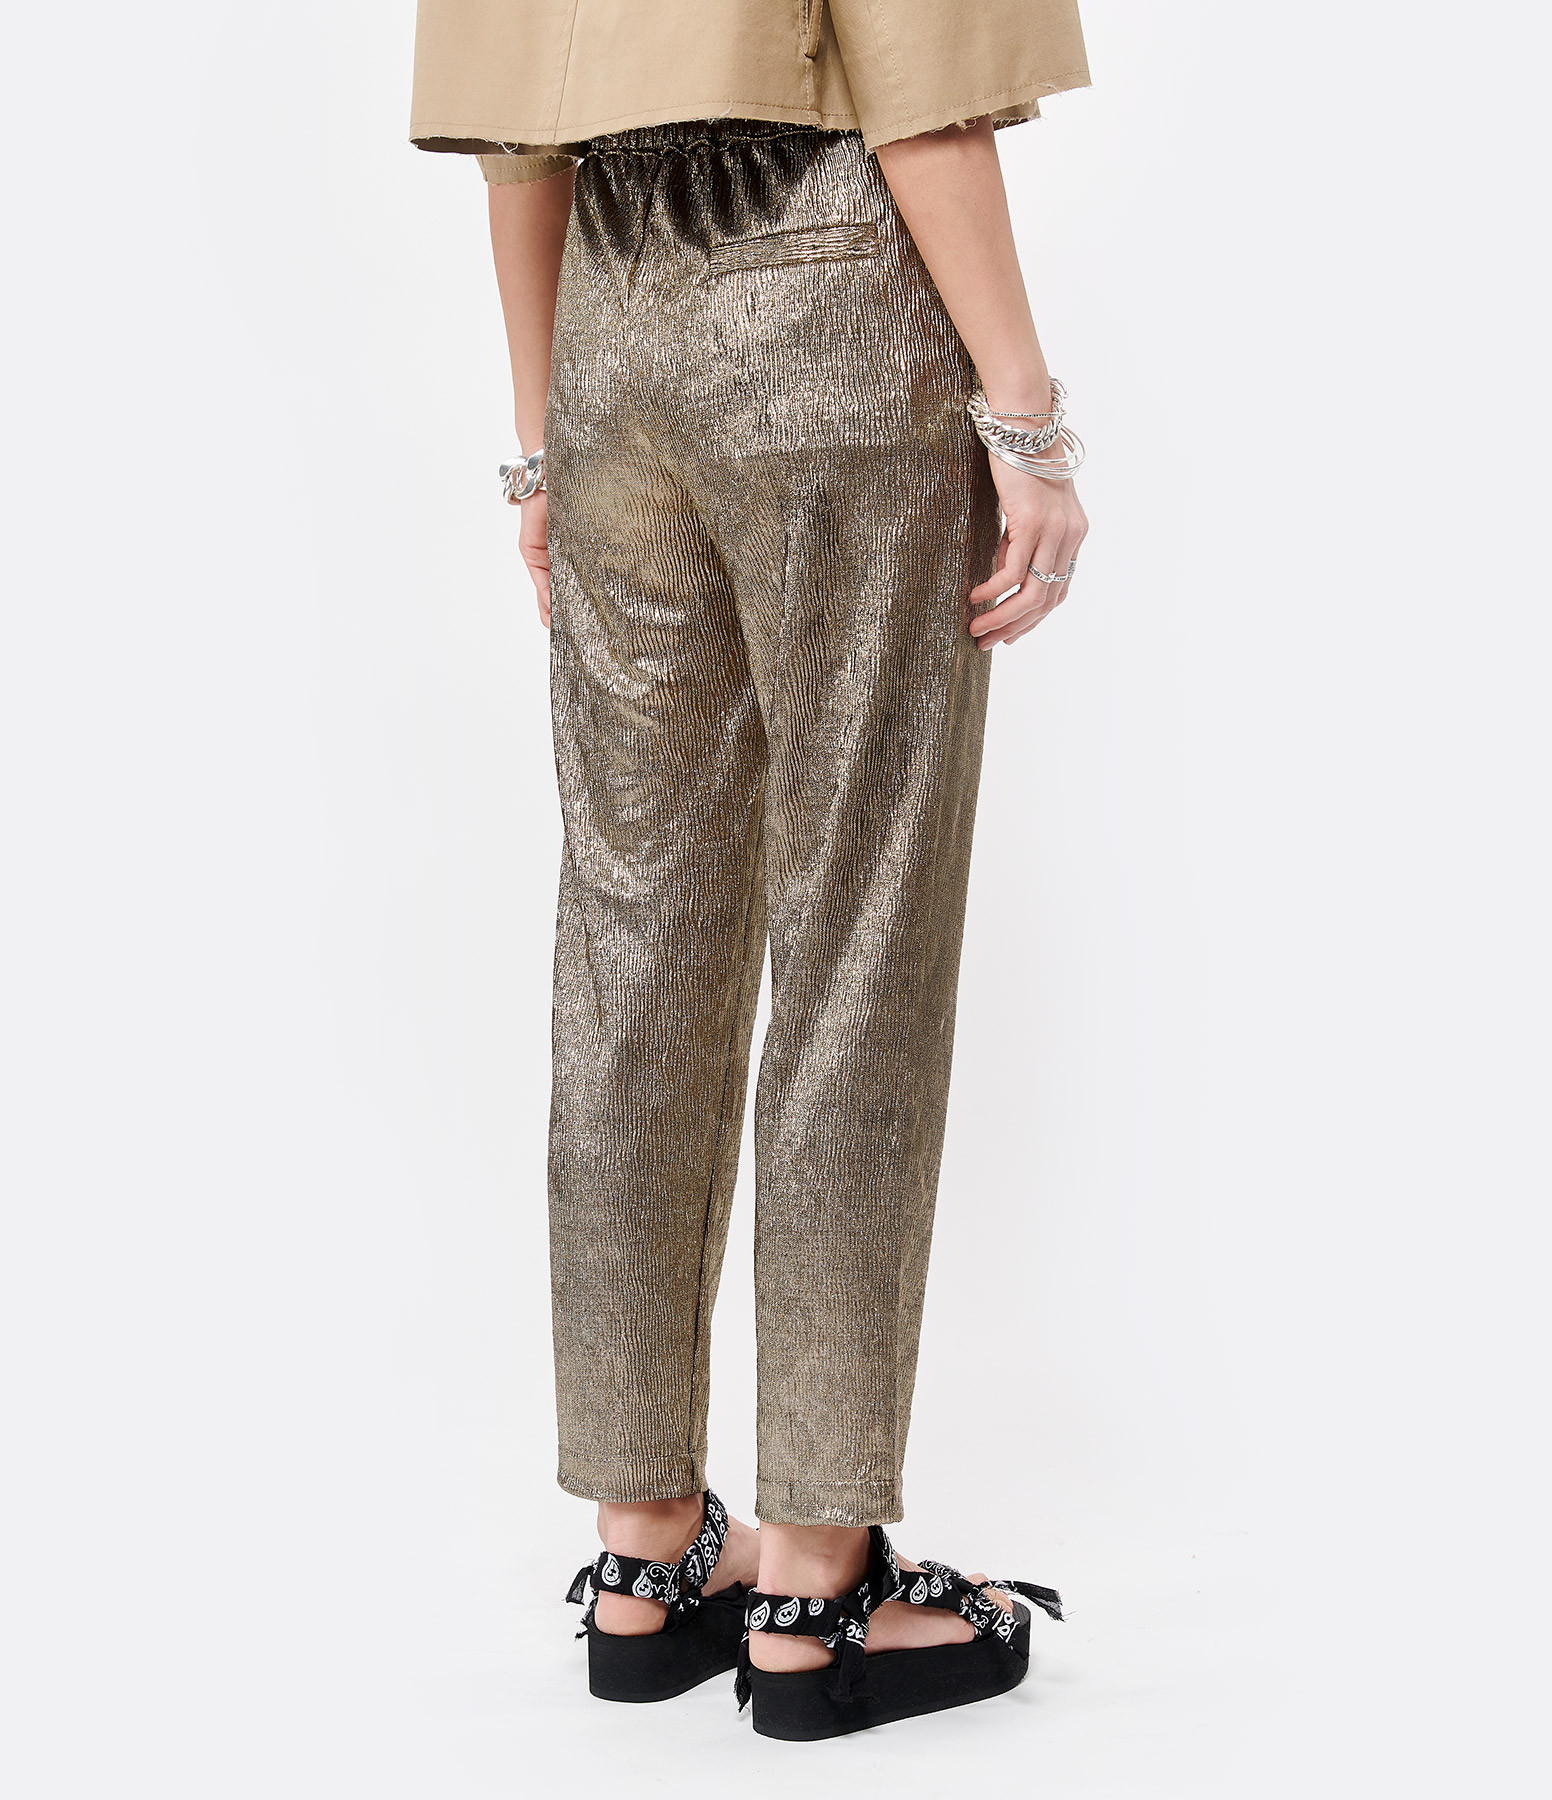 NOUS - Pantalon Mandy Doré